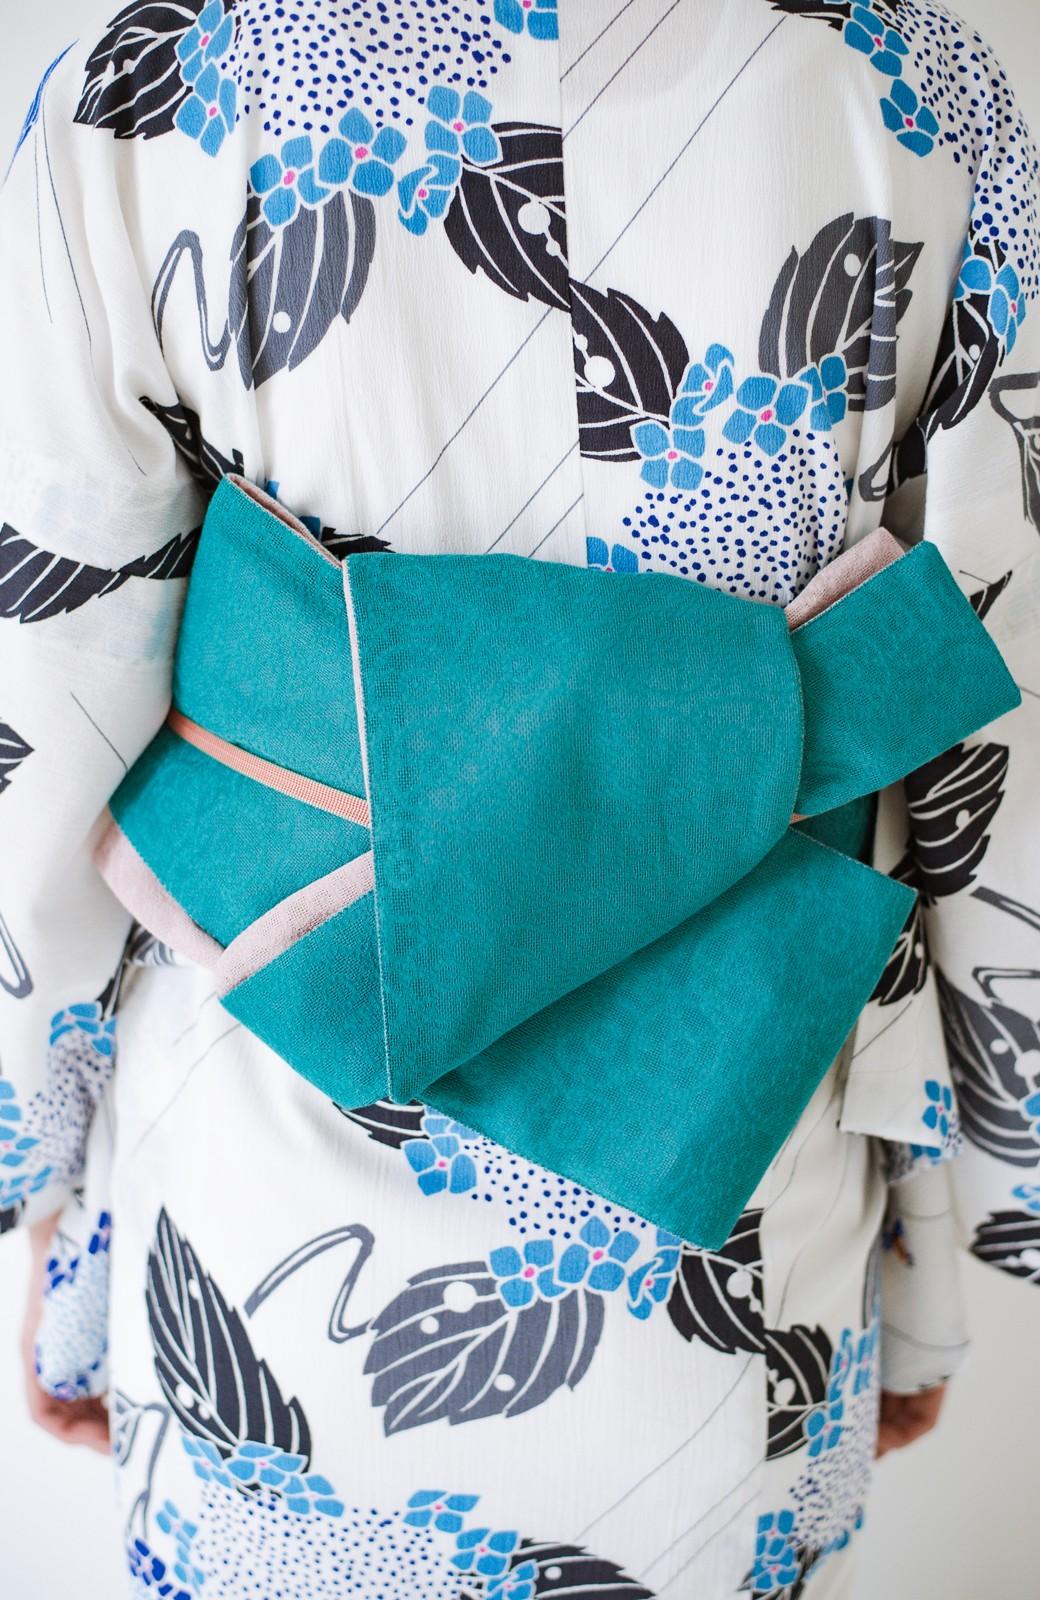 haco! ひでや工房 京都のからみ織ジャカードリバーシブル帯 <グリーン×ピンク>の商品写真3